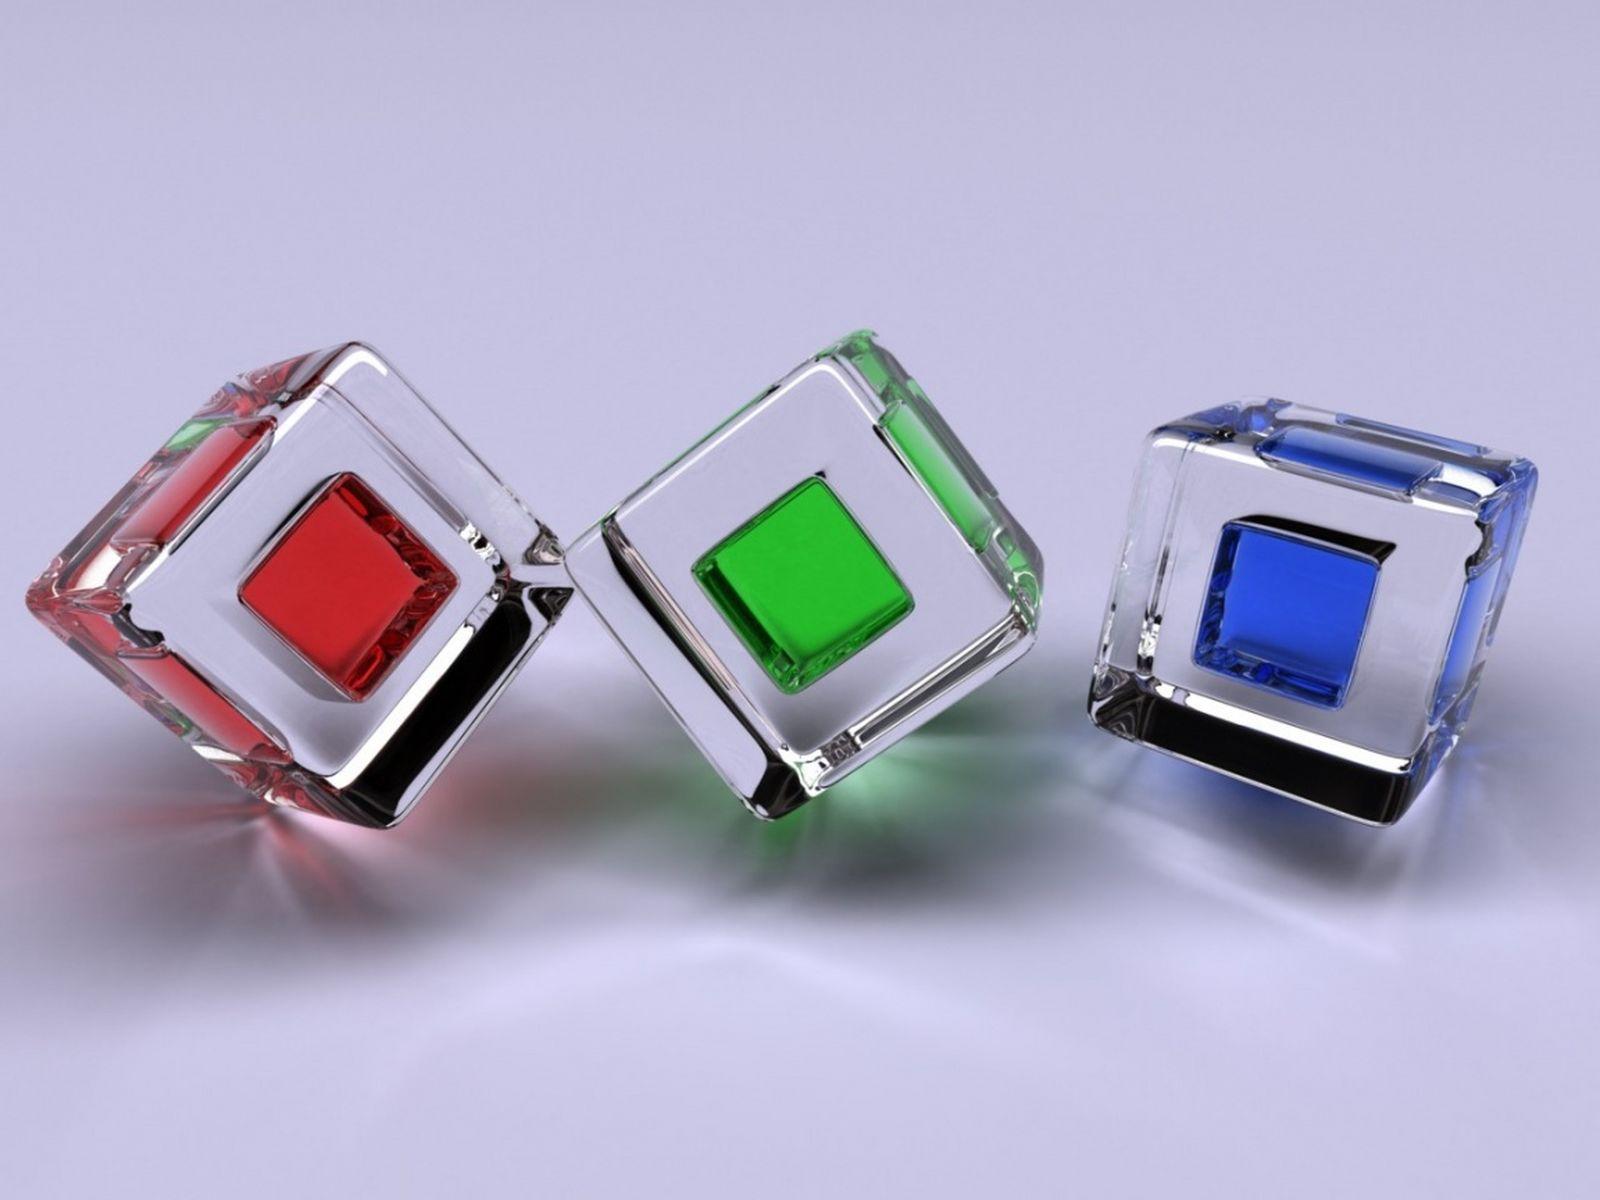 أكثر من 30 خلفية زجاجية فائقة الجمال و مذهلة 2012- HD و 3D Glass-imagination-wallpaper_05